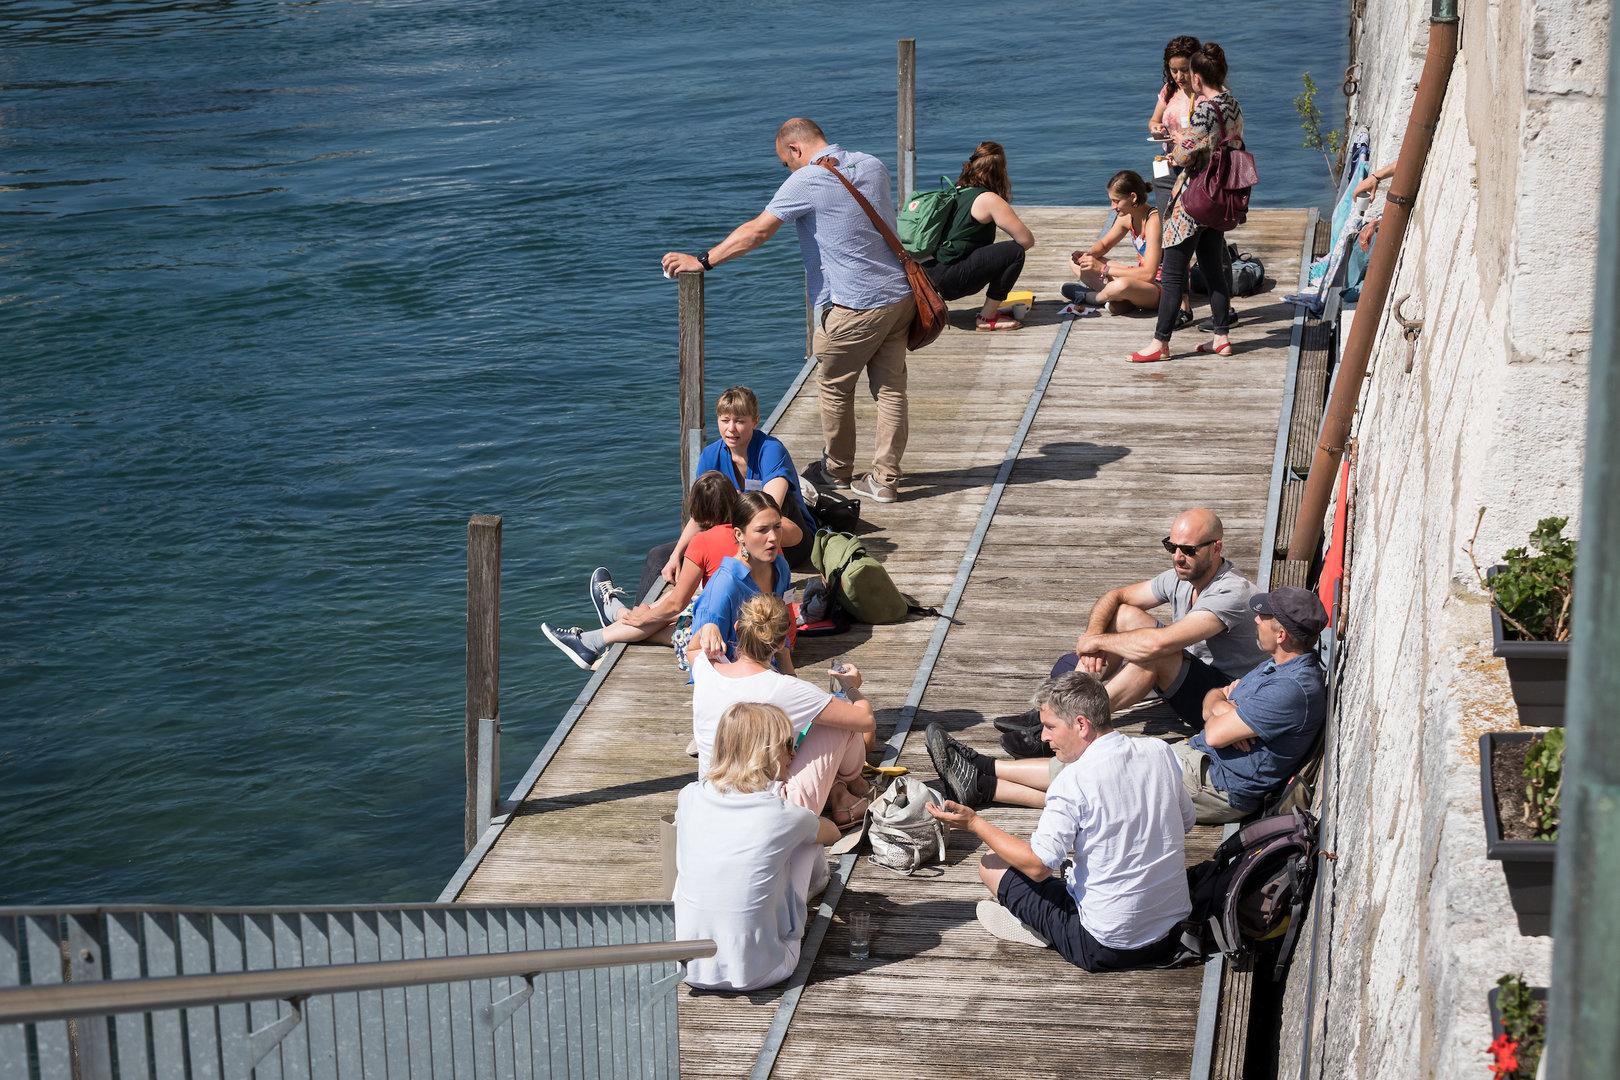 Sommerakademiewetter an der Riviera: Entspannte Momente auf dem Bootssteg.